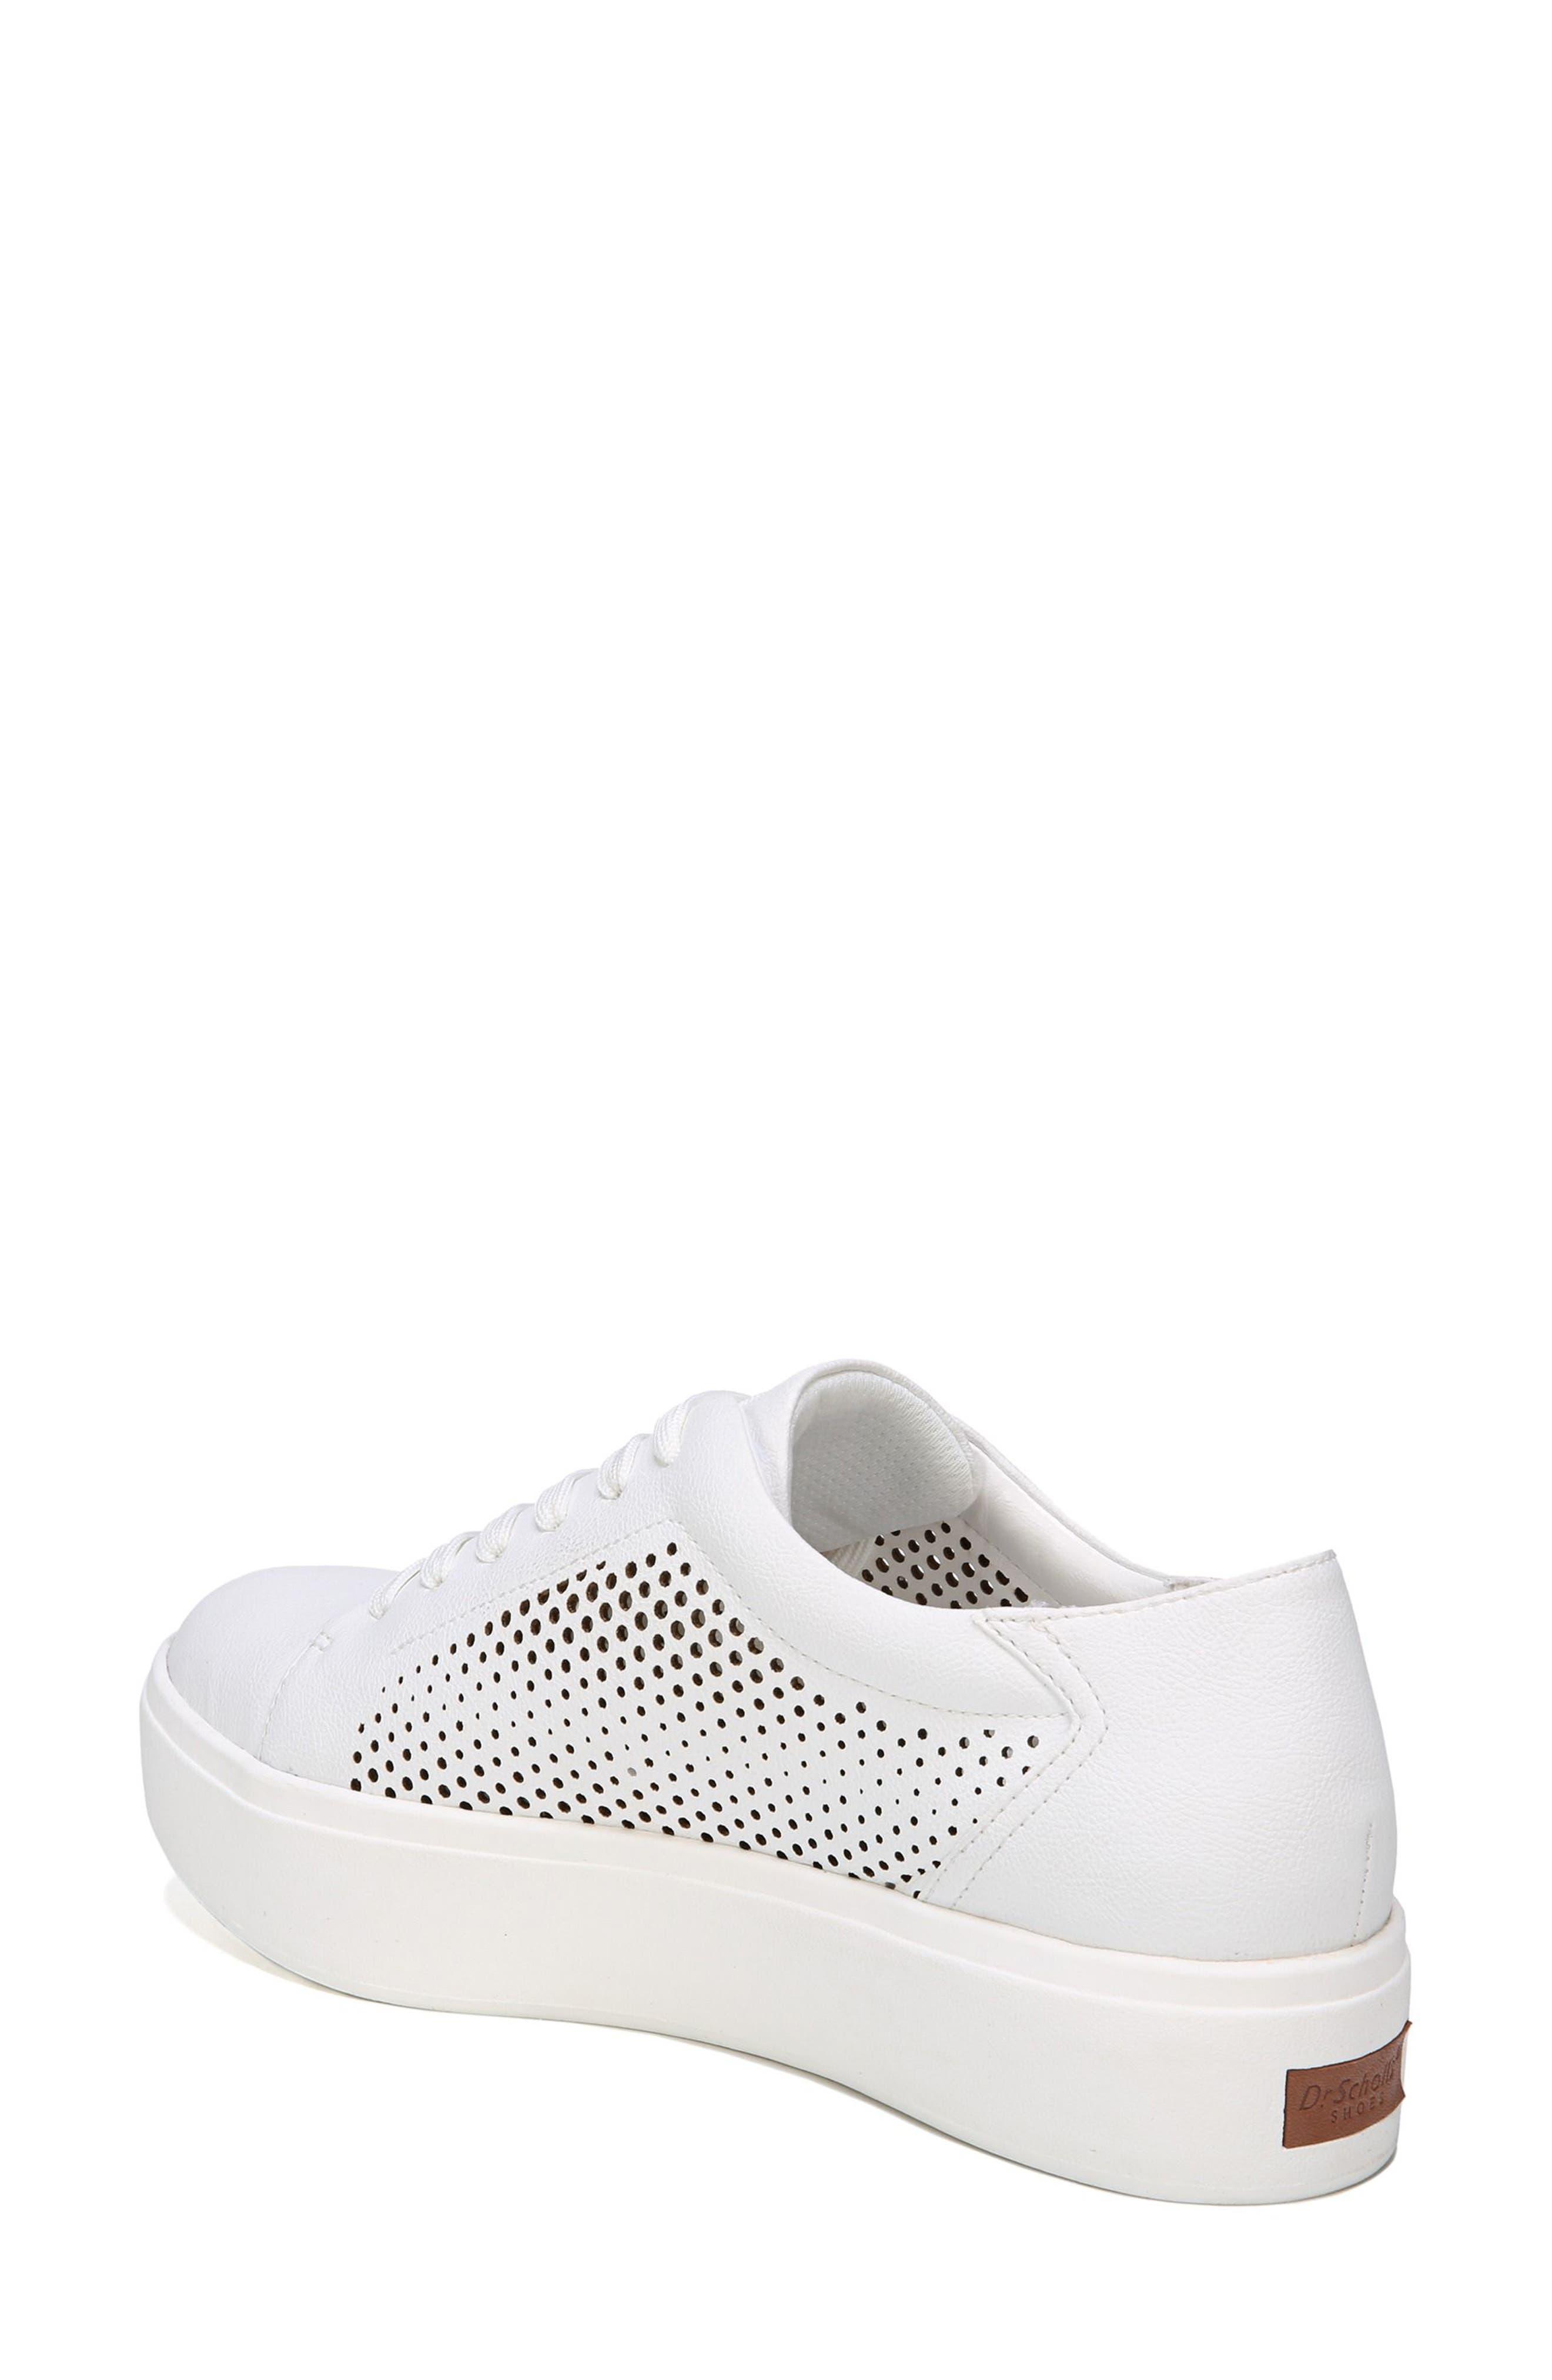 Kinney Platform Sneaker,                             Alternate thumbnail 2, color,                             White